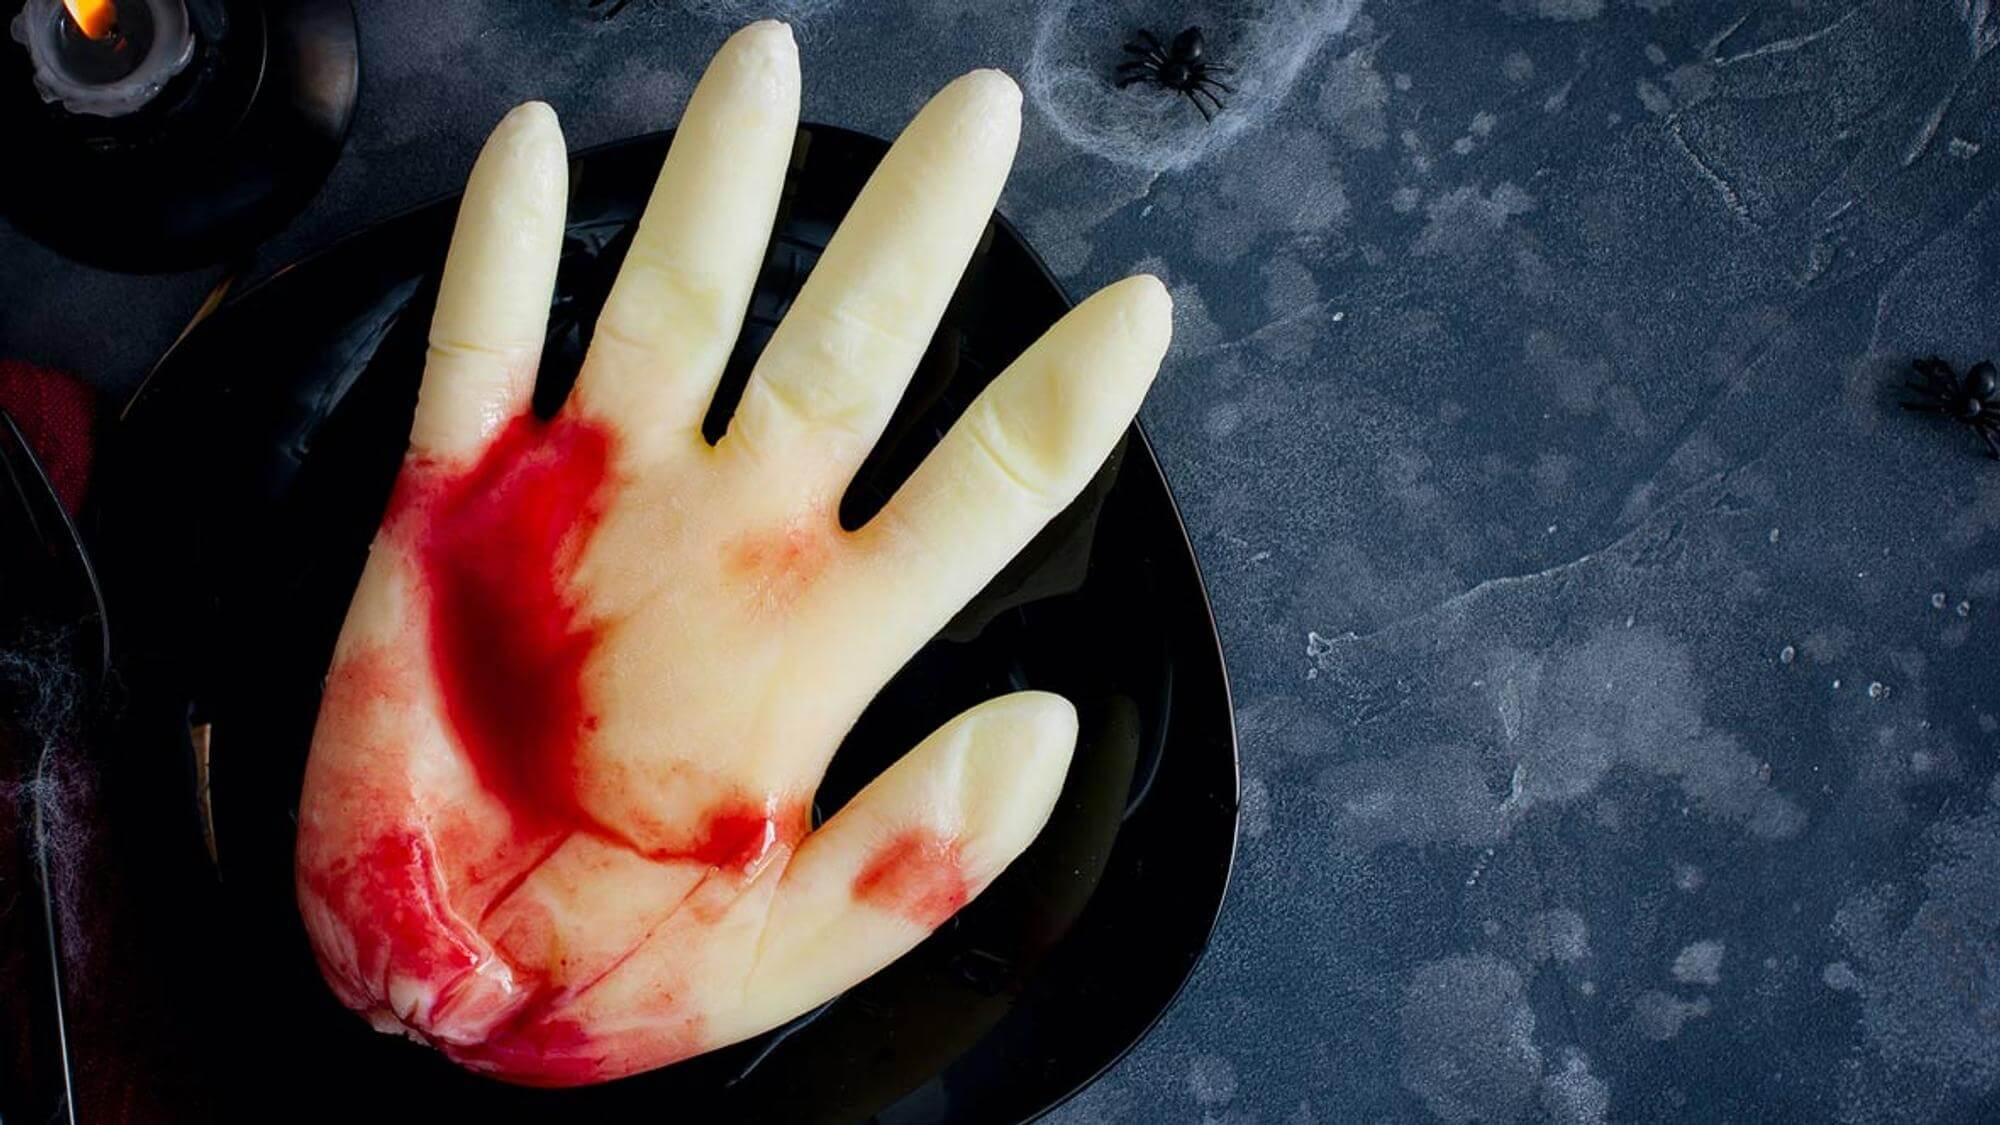 gefrorener Pudding in Form einer Hand